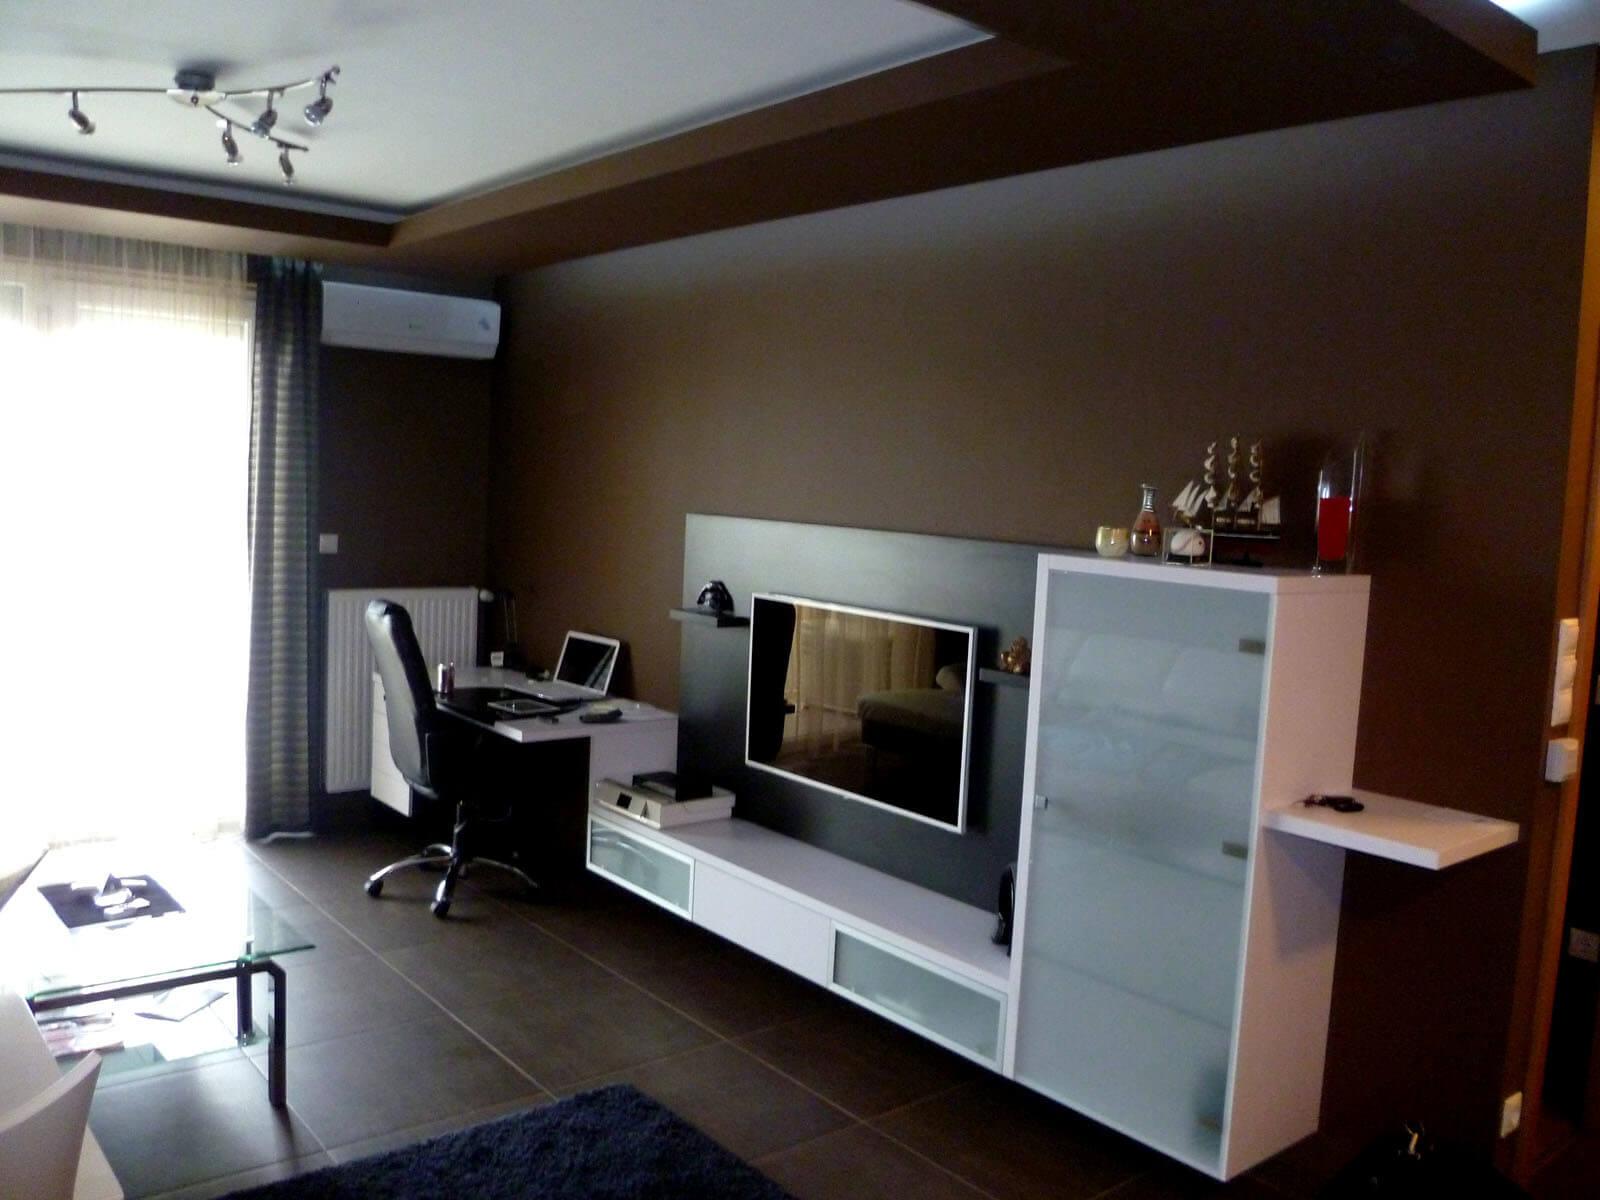 Egyedi nappali tv bútor készítés fehér színben, lebegő kivitelben